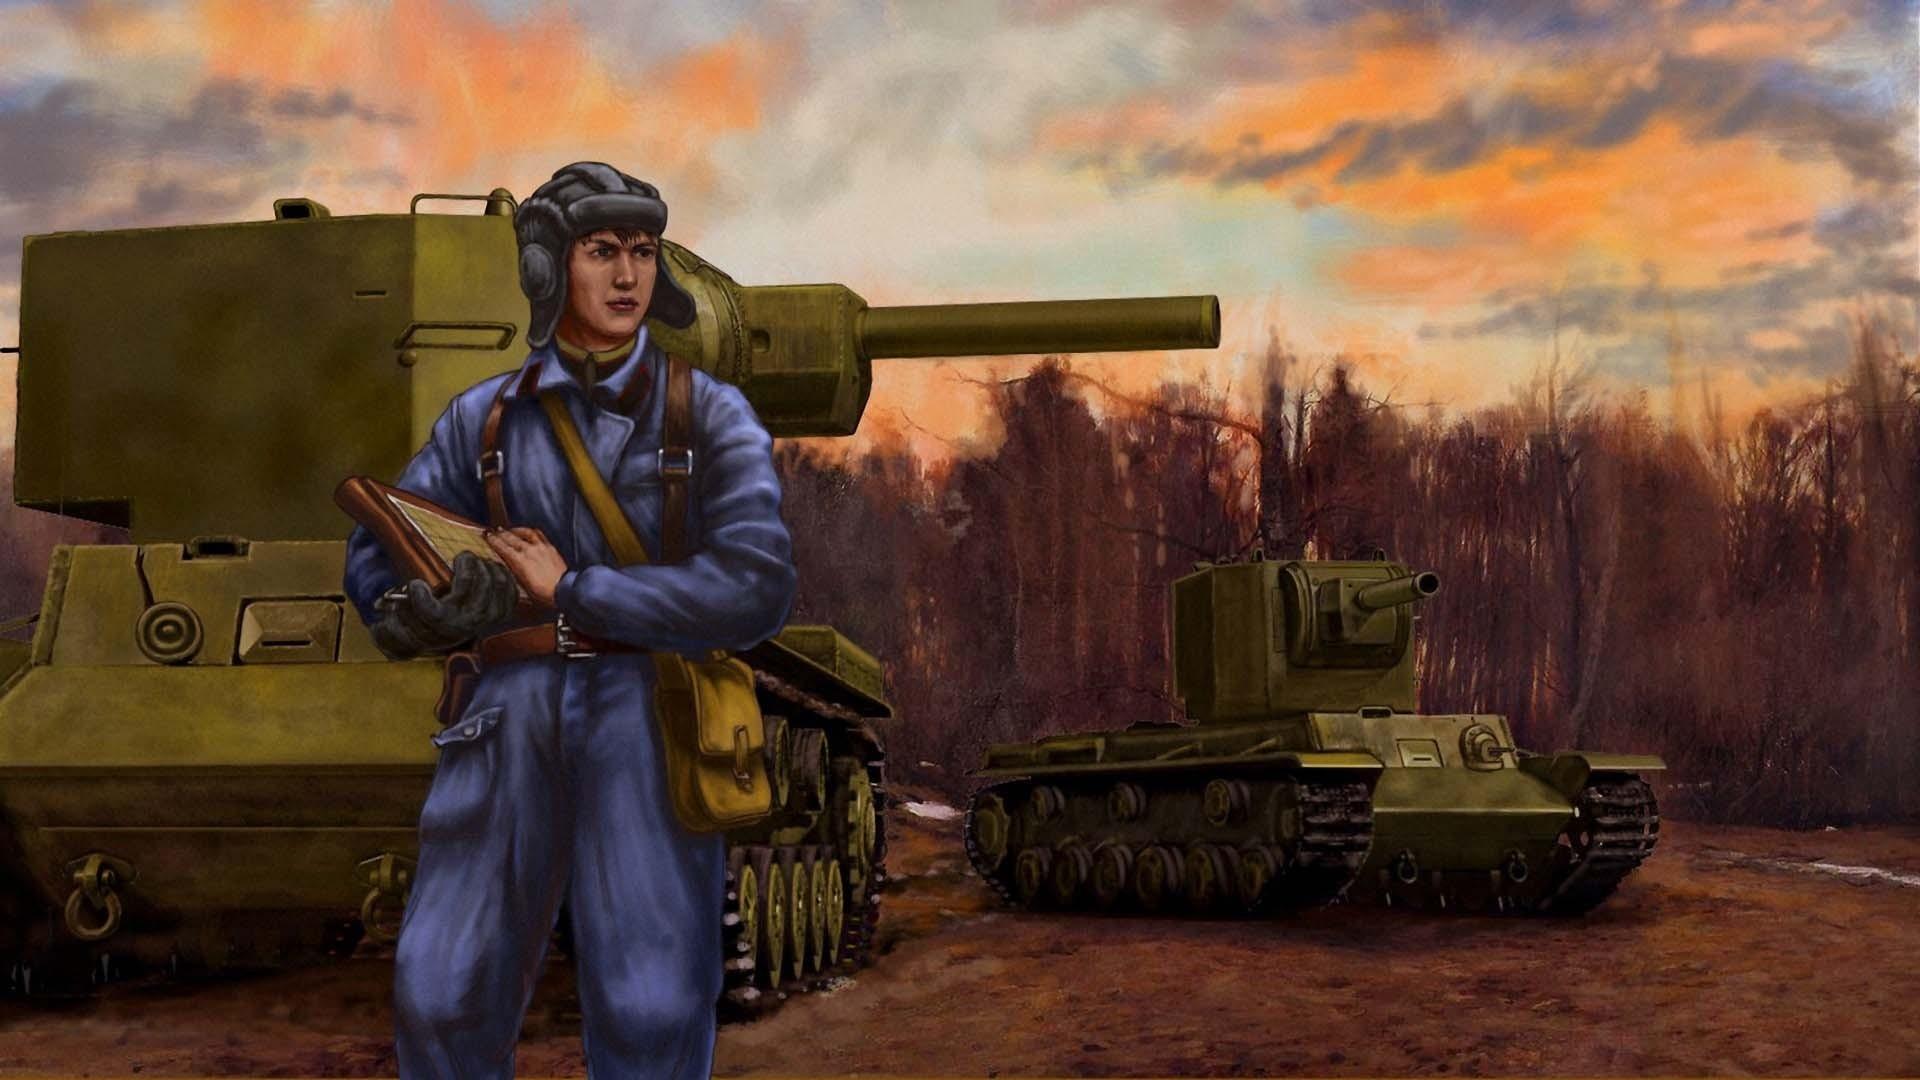 48+] Wallpaper of Russian Painting on WallpaperSafari